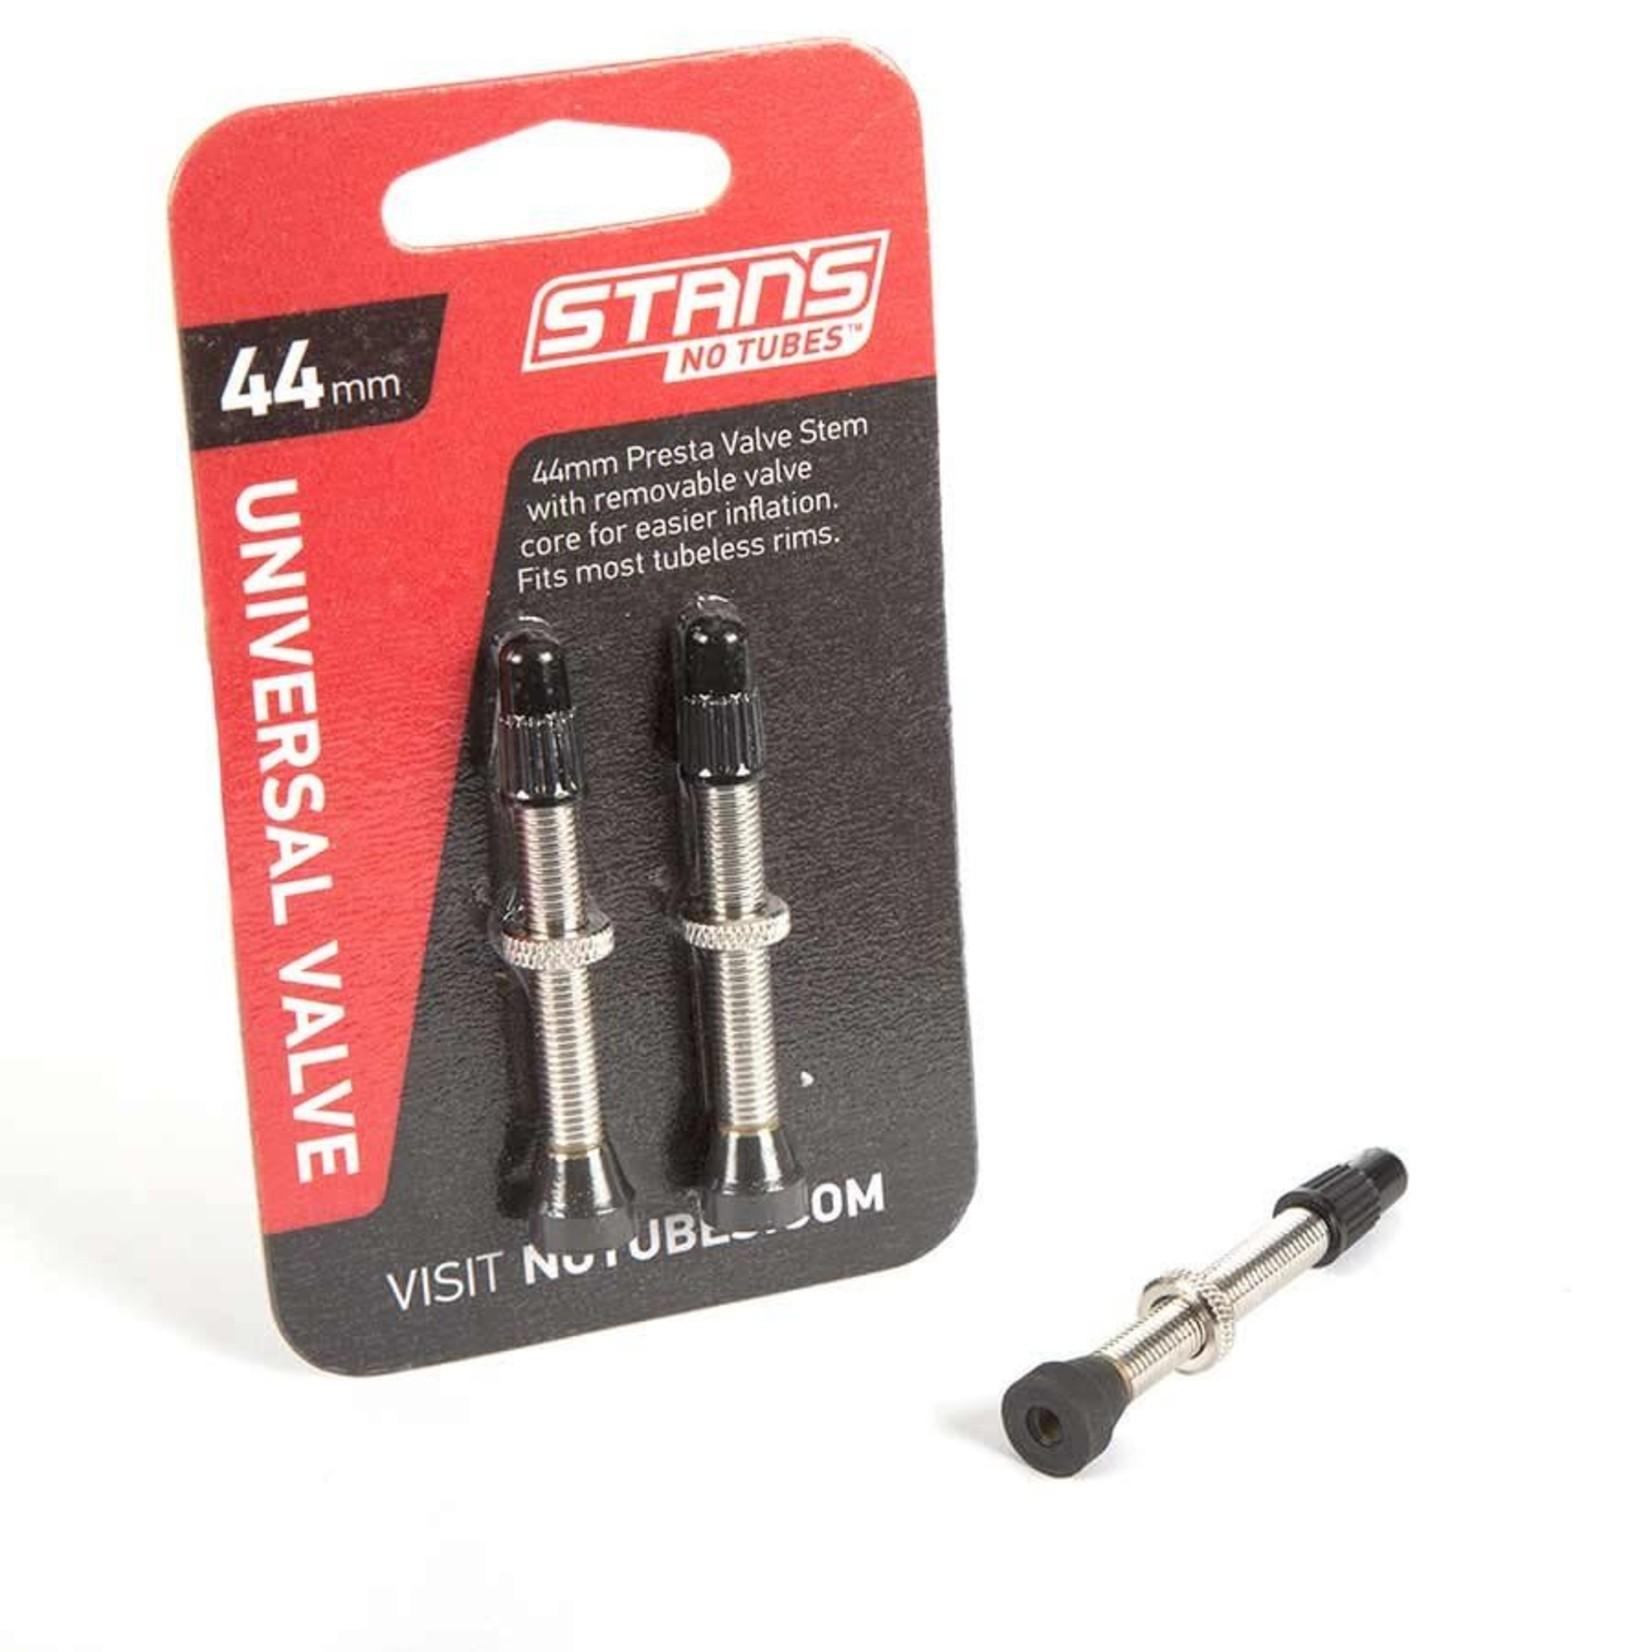 Stans No Tubes Stan's No Tubes, Presta Valves, 44mm